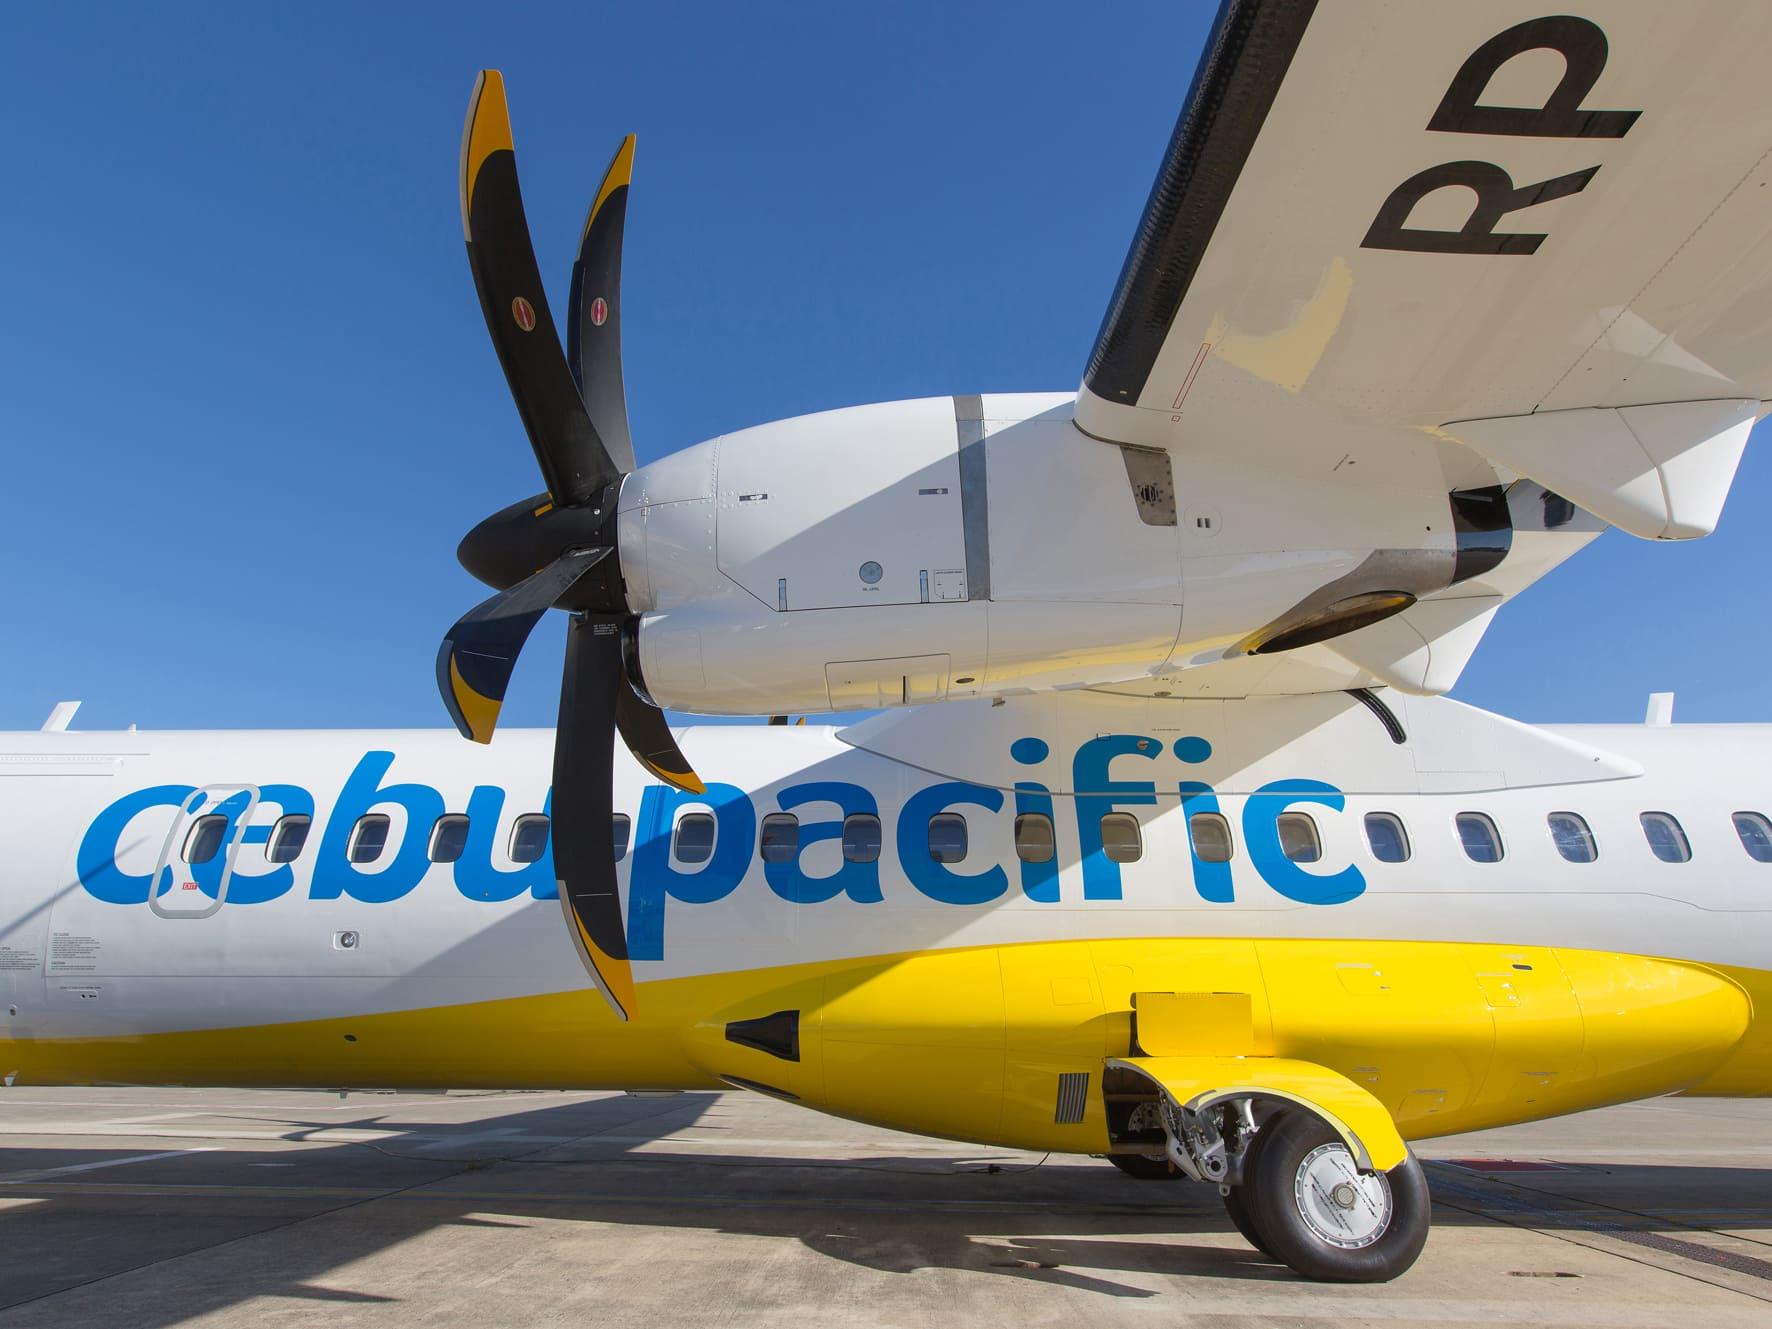 Cebu ATR 72-600